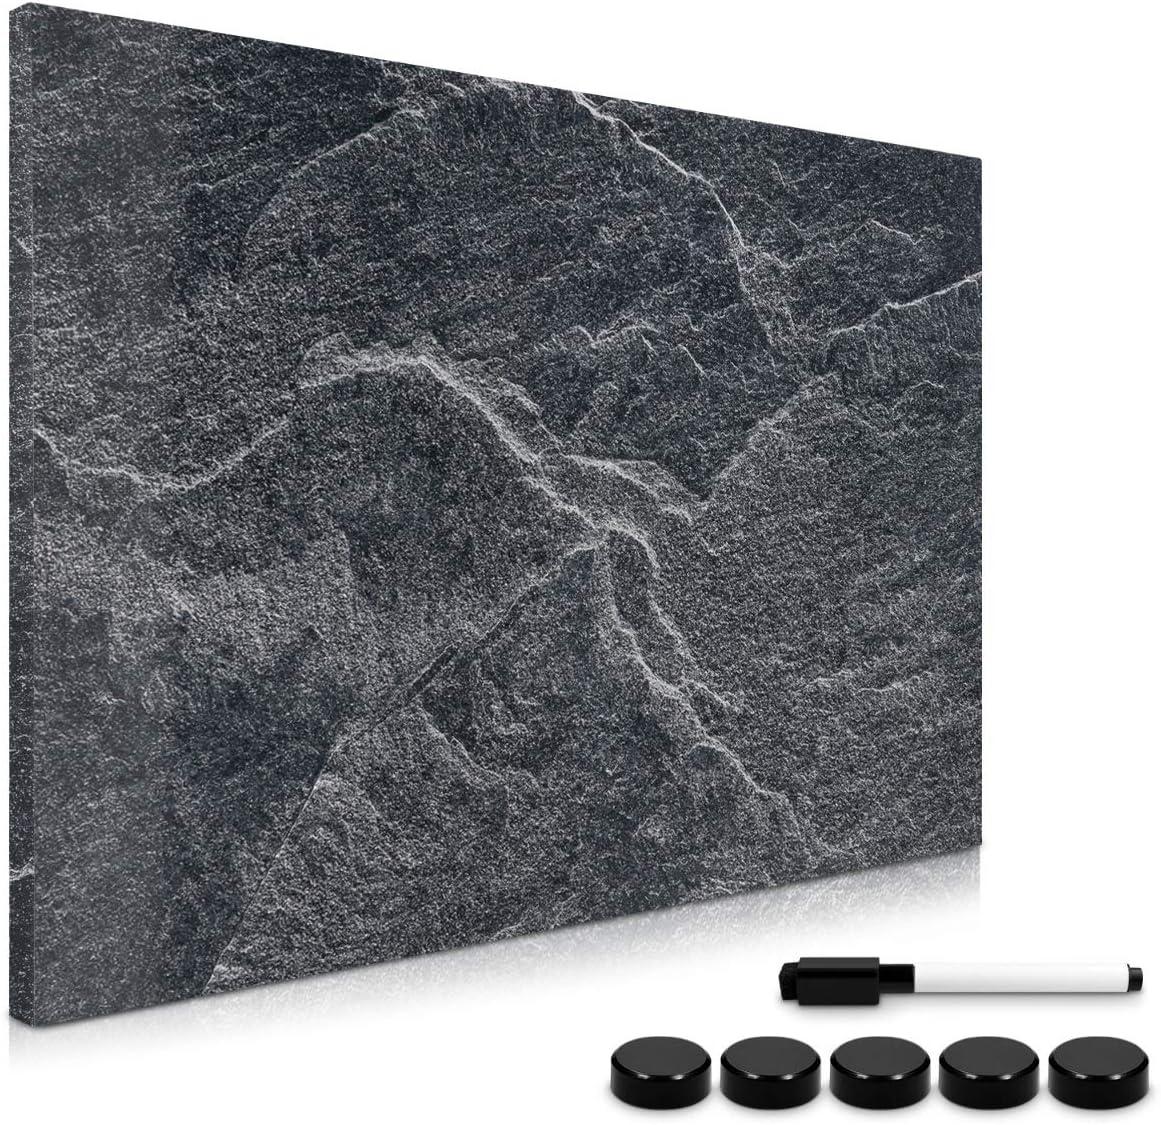 Navaris Tablero de Notas magnético - Pizarra con diseño de Piedra Negra - Pizarra magnética con Marcador Negro y 5 imanes